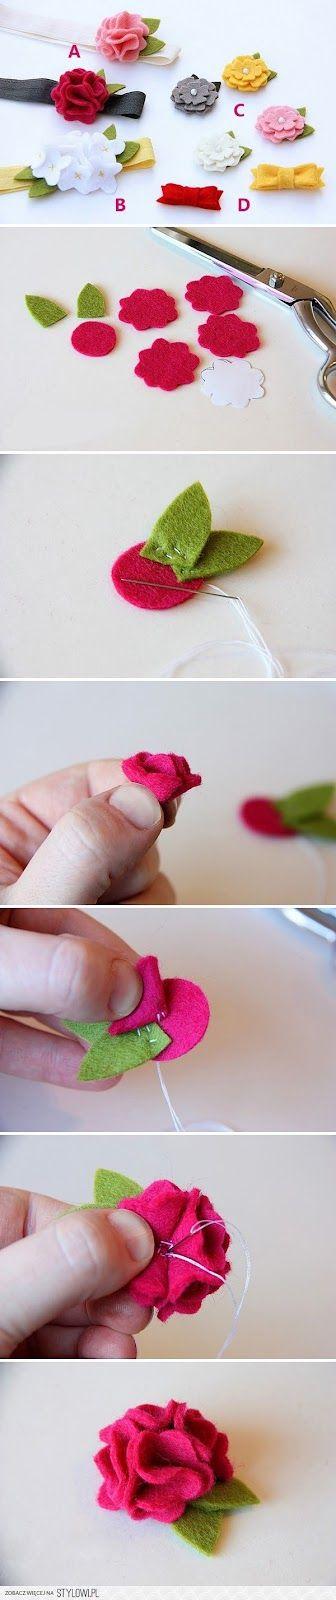 http://reciclagemjardinagemedecoracao.blogspot.com.br/2012/09/primavera-muitas-flores.html